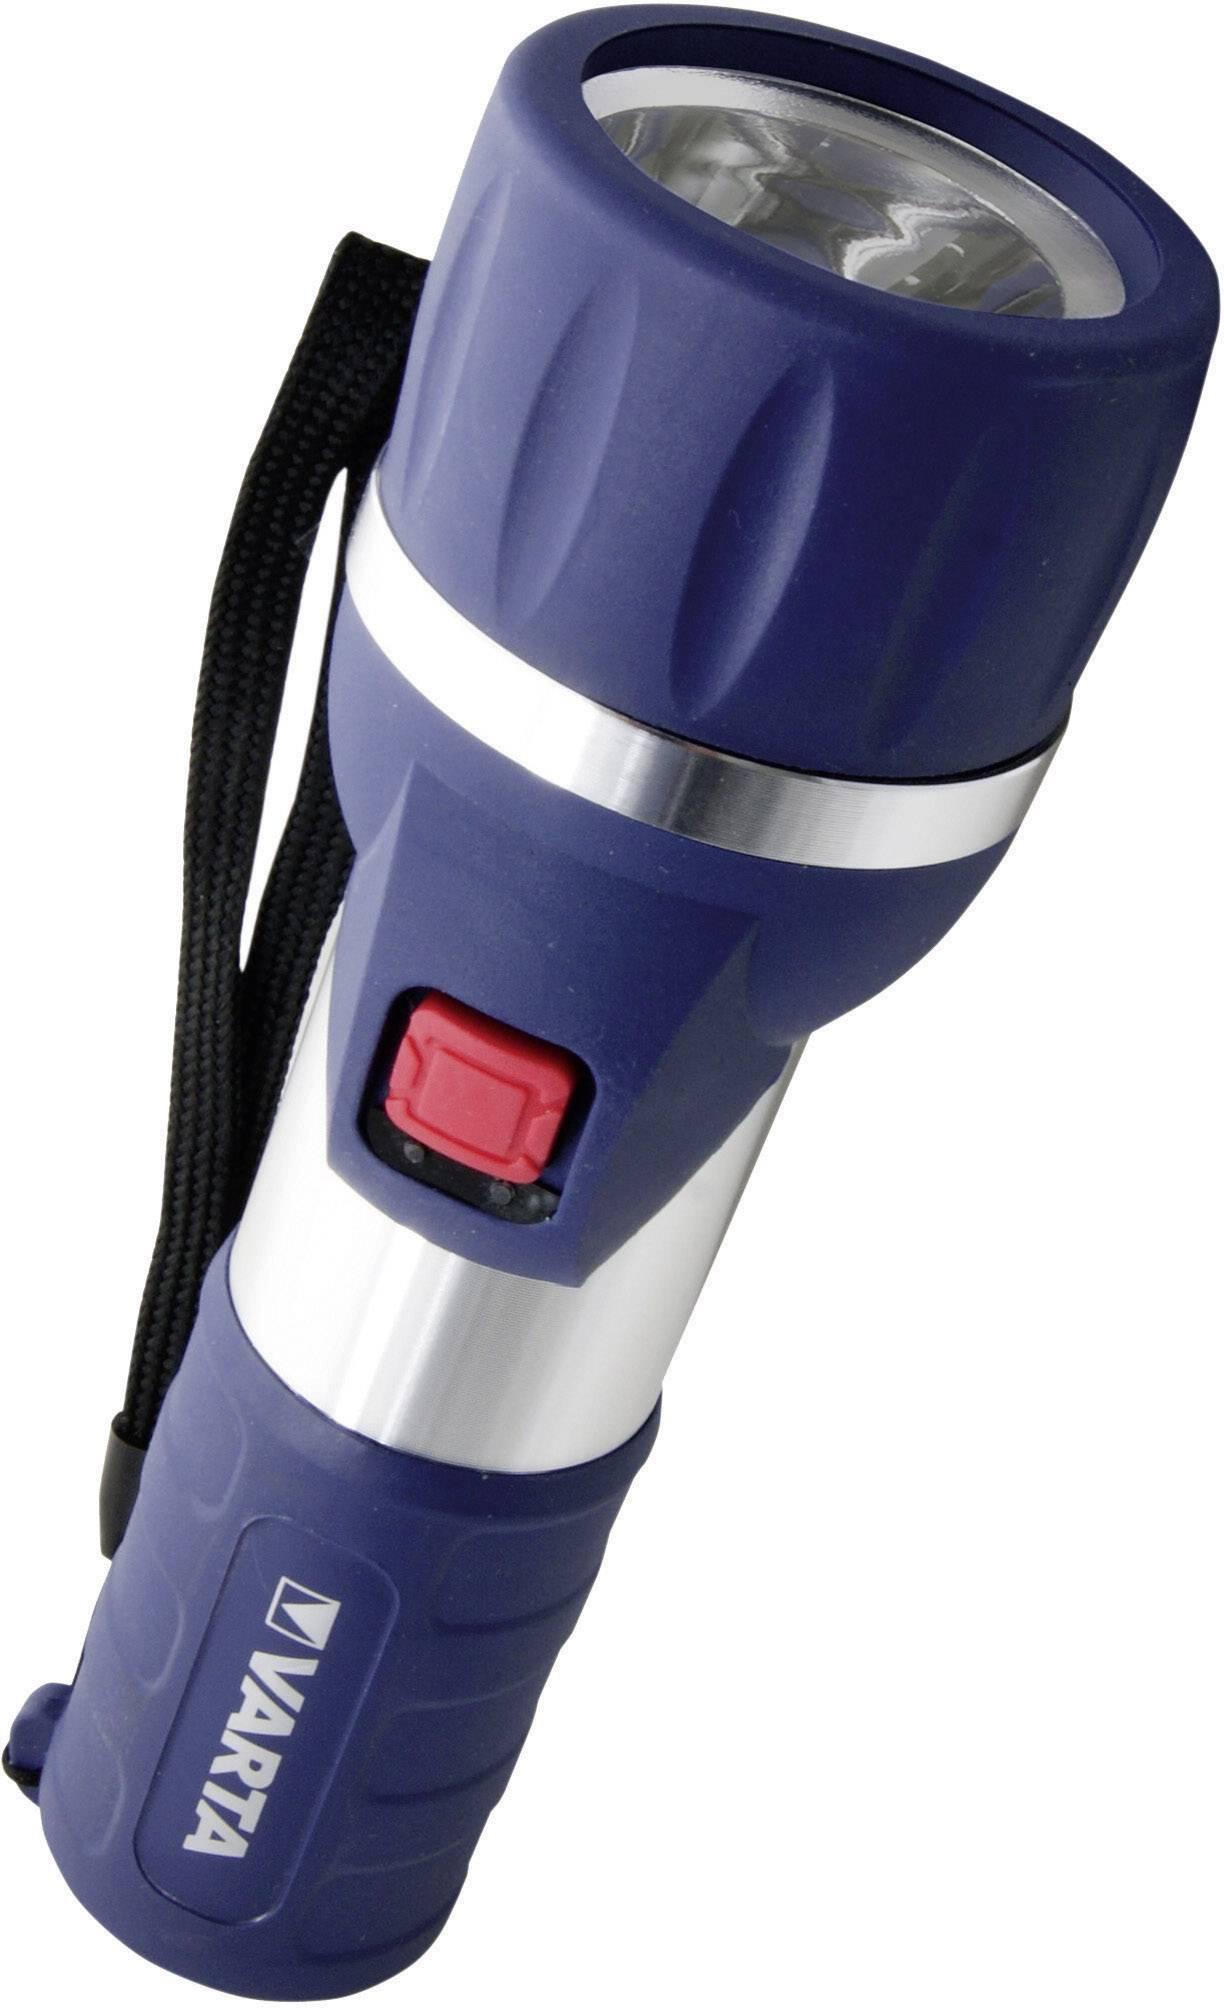 Kapesní LED svítilna Varta Day Light 2D, 17626101421, 1 W, modrá/stříbrná